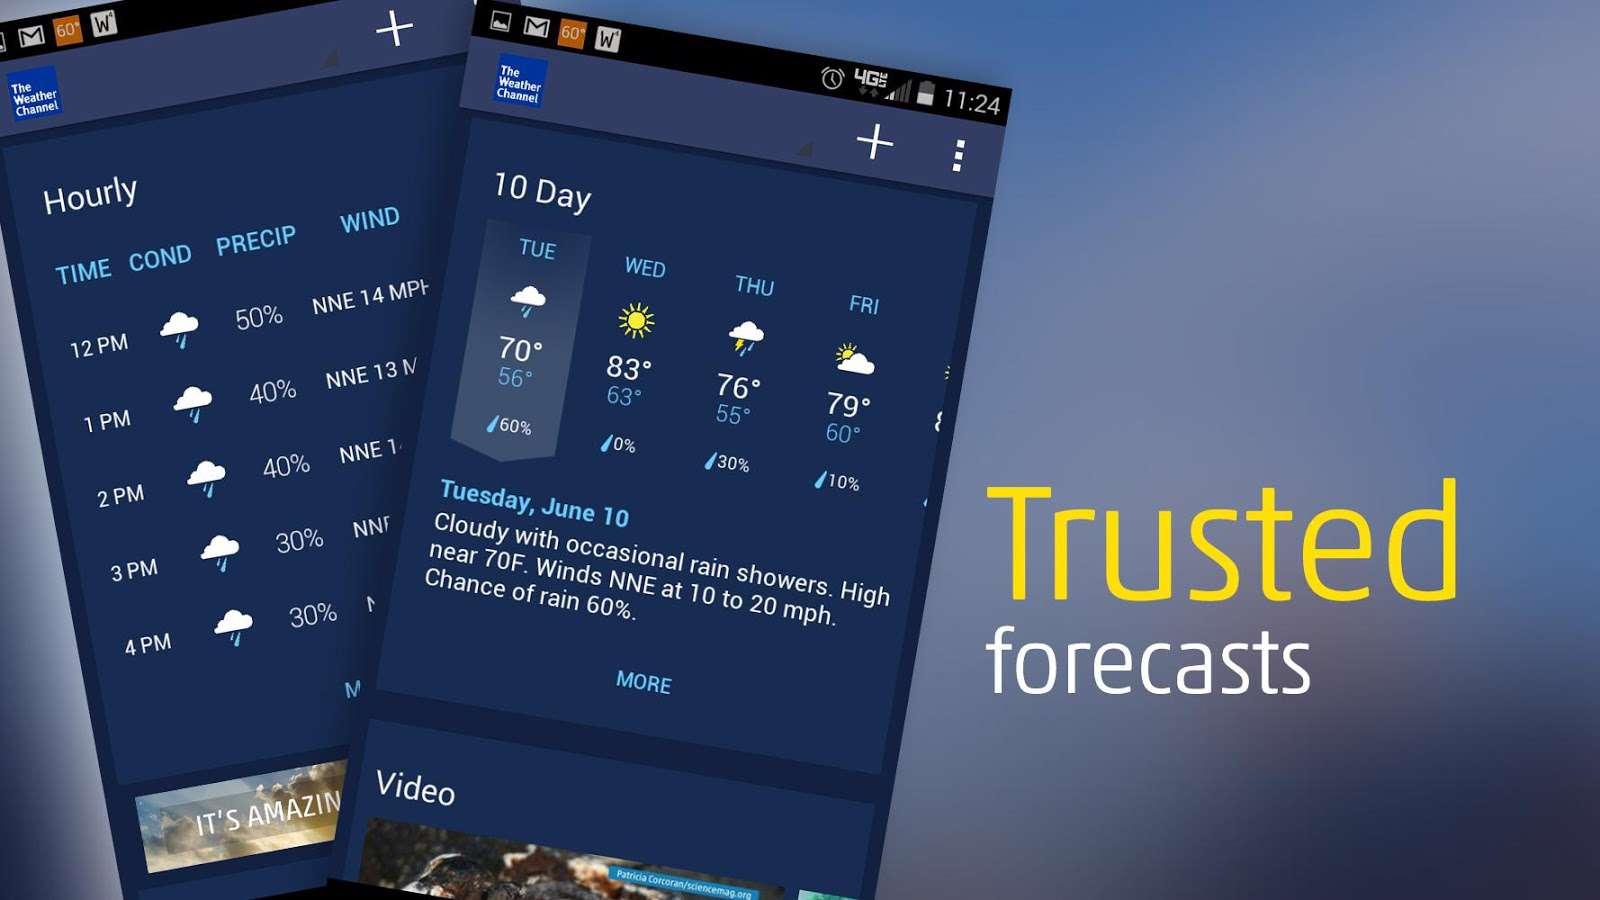 دانلود نرم افزار هواشناسی The Weather Channel 7.0.0 برای اندروید